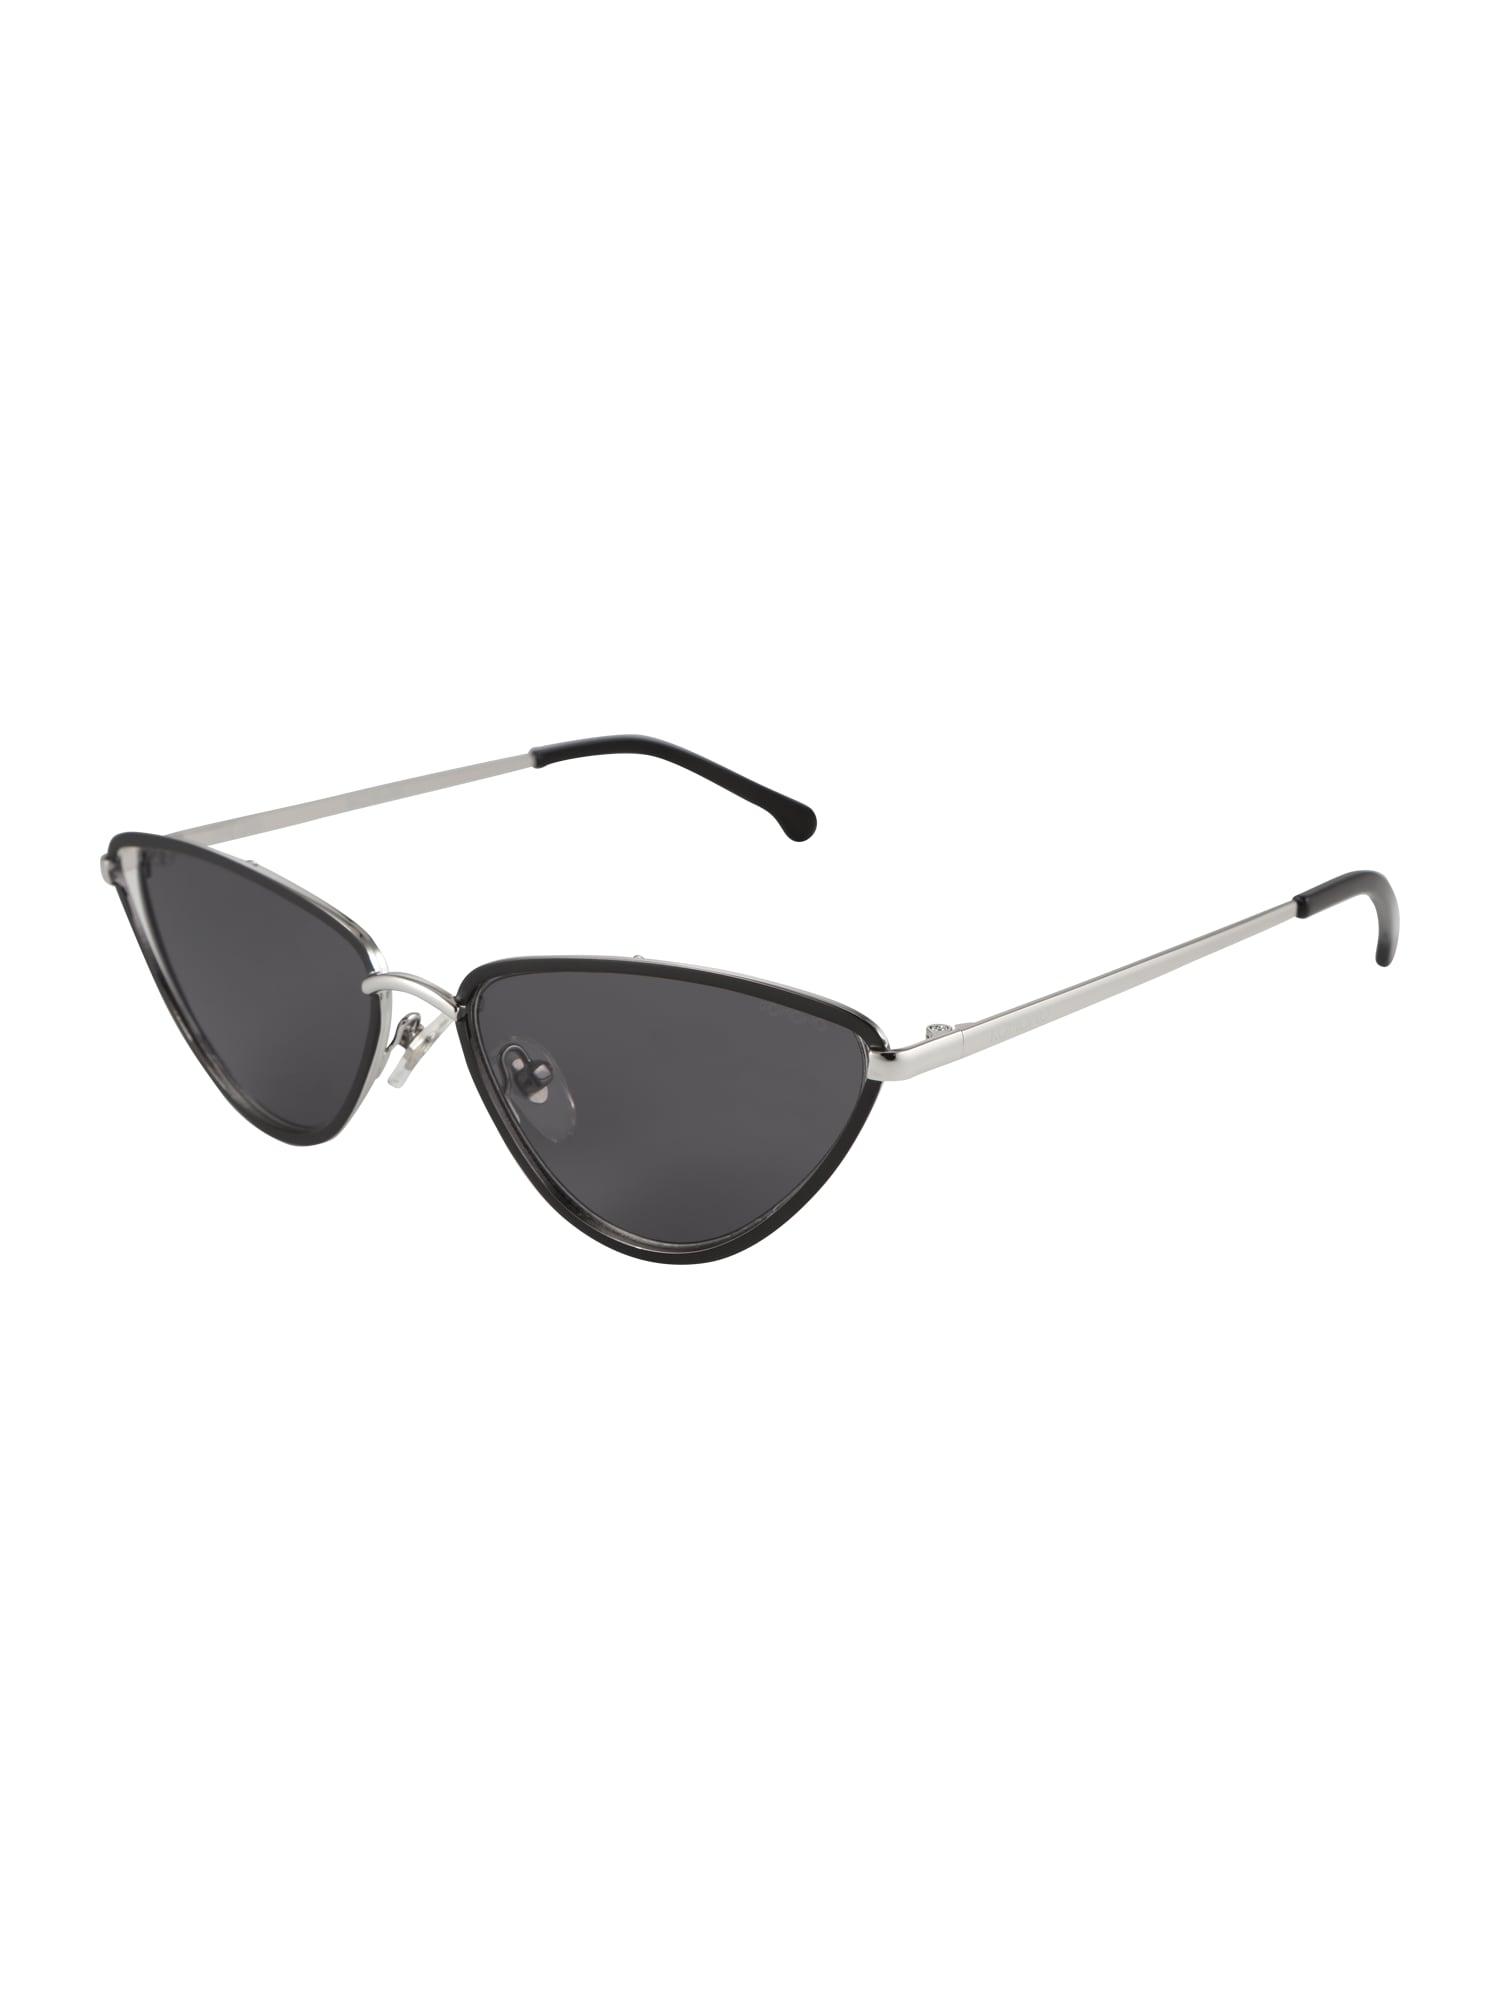 Sluneční brýle GIGI černá stříbrná Komono